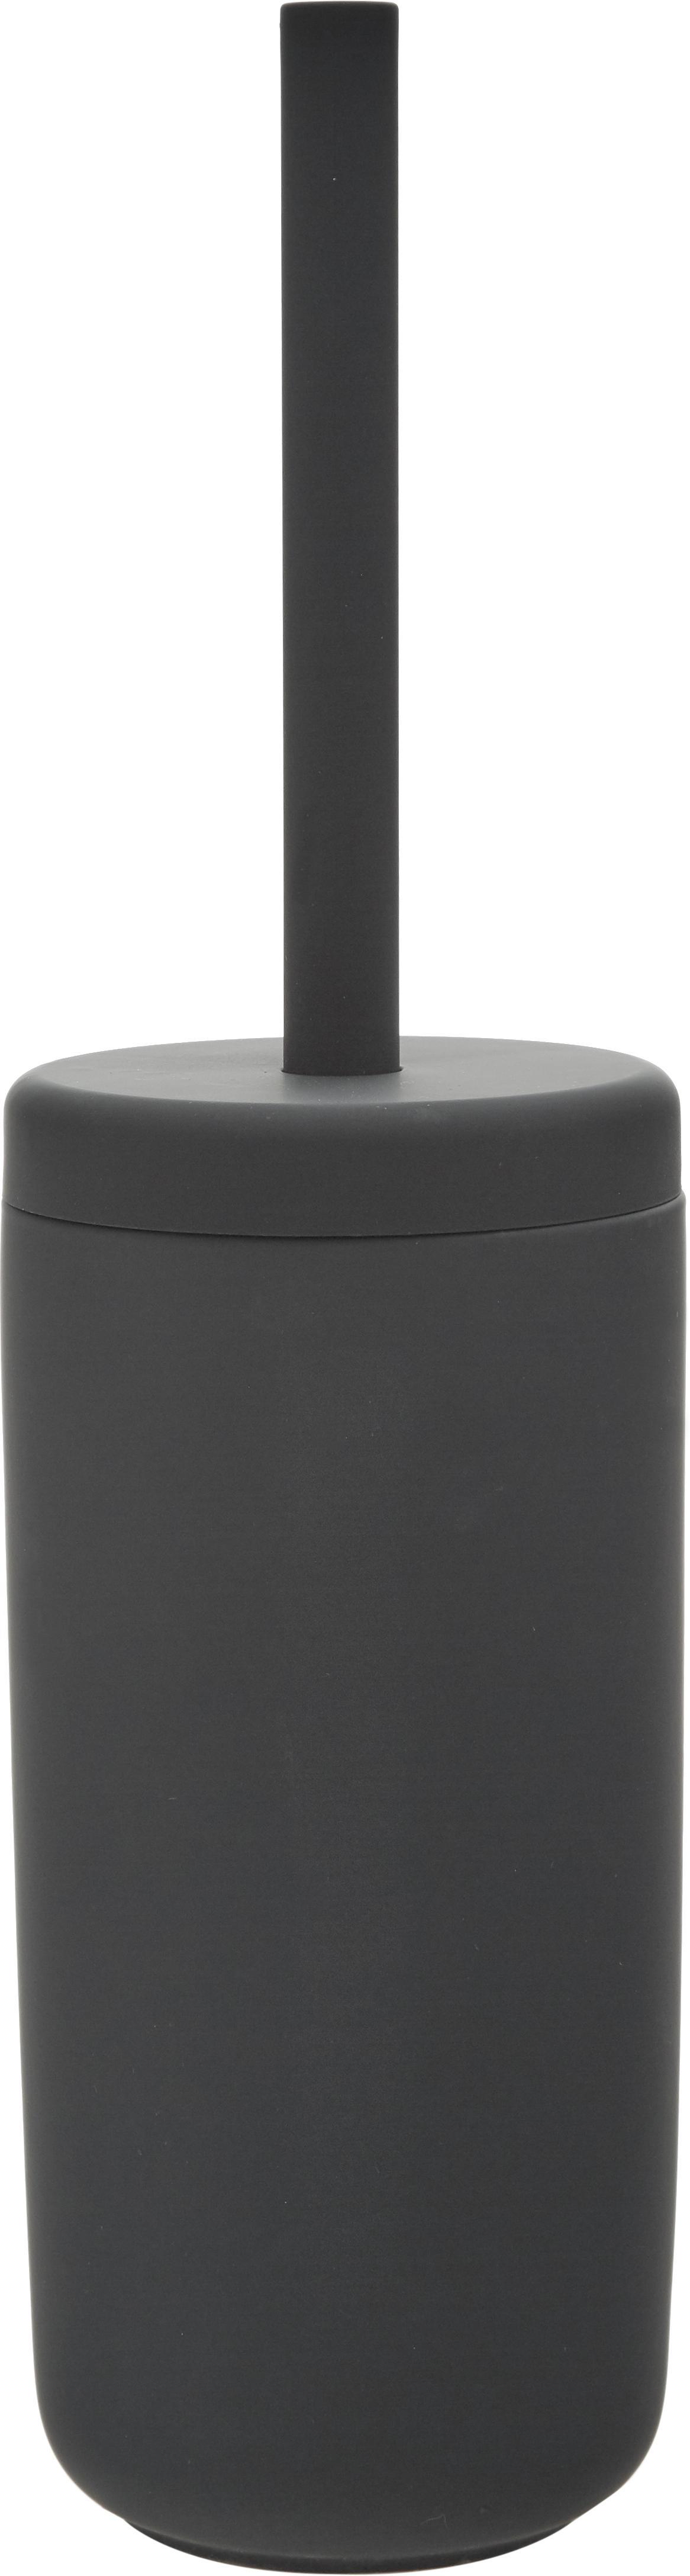 Szczotka toaletowa z pojemnikiem z kamionki Omega, Czarny, matowy, Ø 10 x W 39 cm